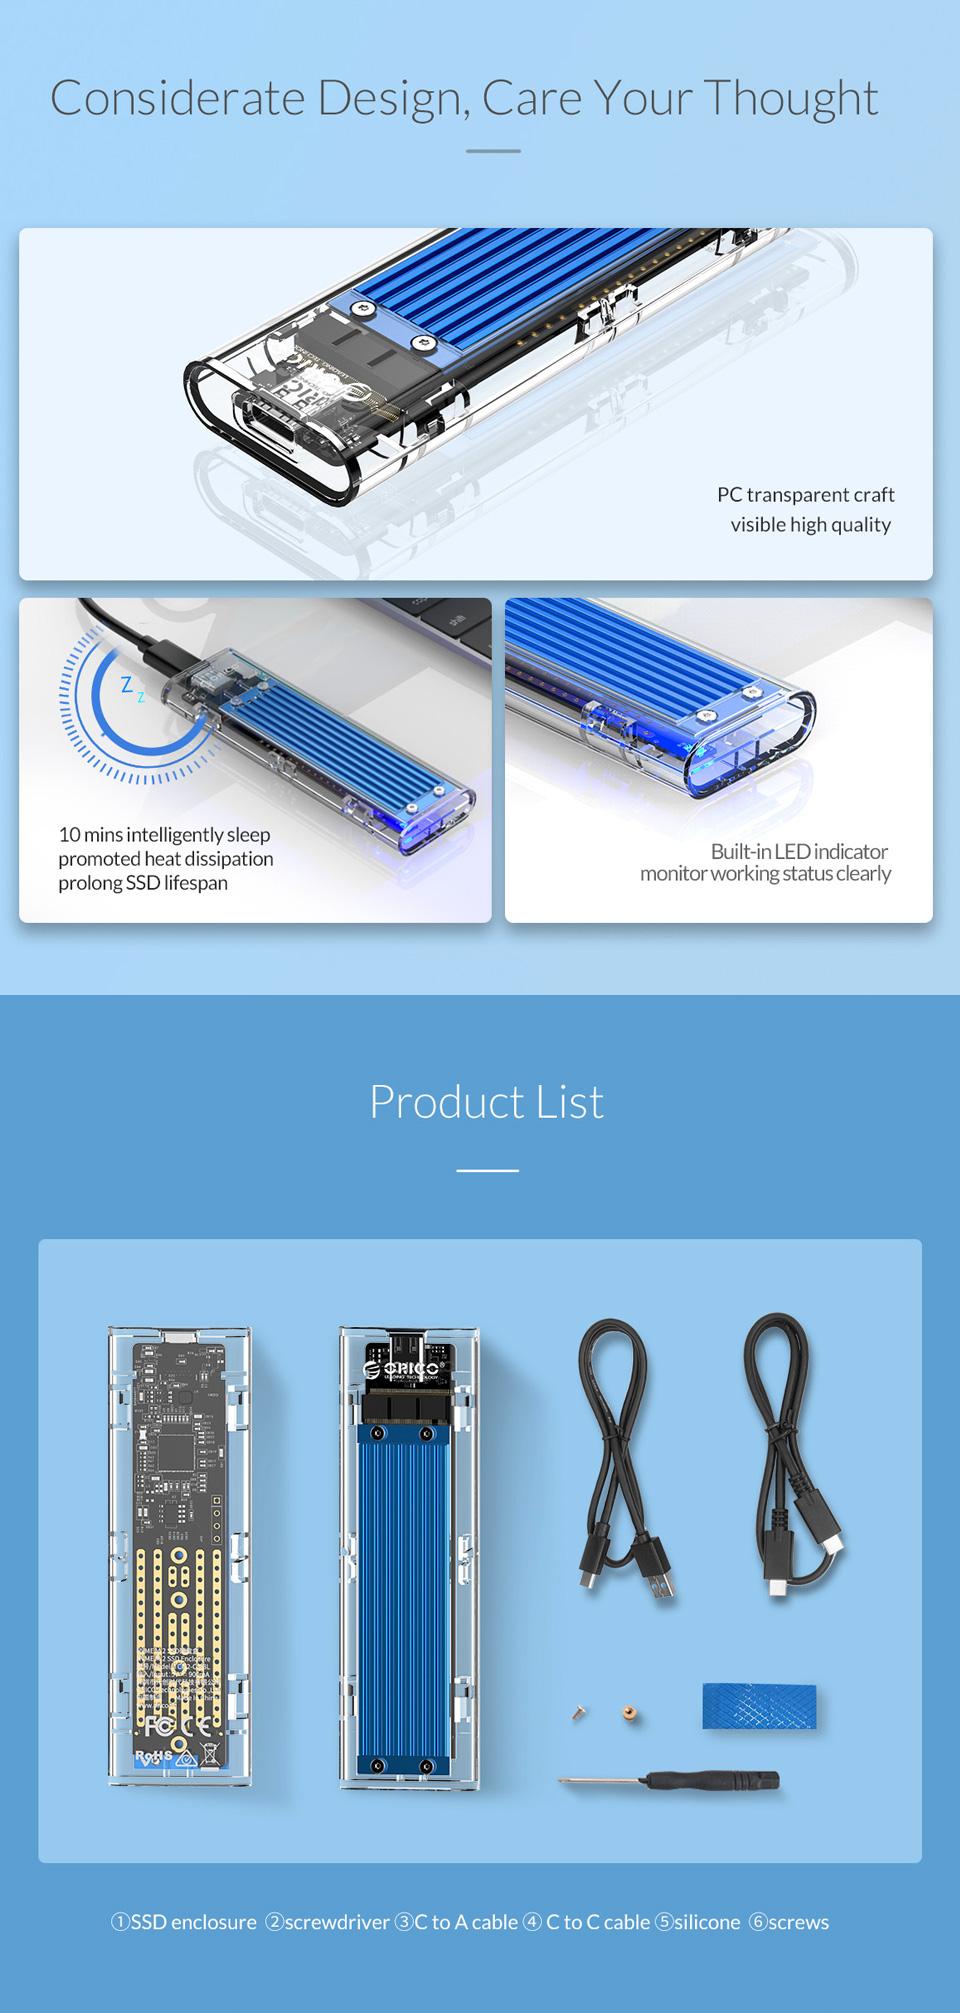 Orico USB 3.1 Type C Gen 2 M.2 Enclosure Transparent Red features 5